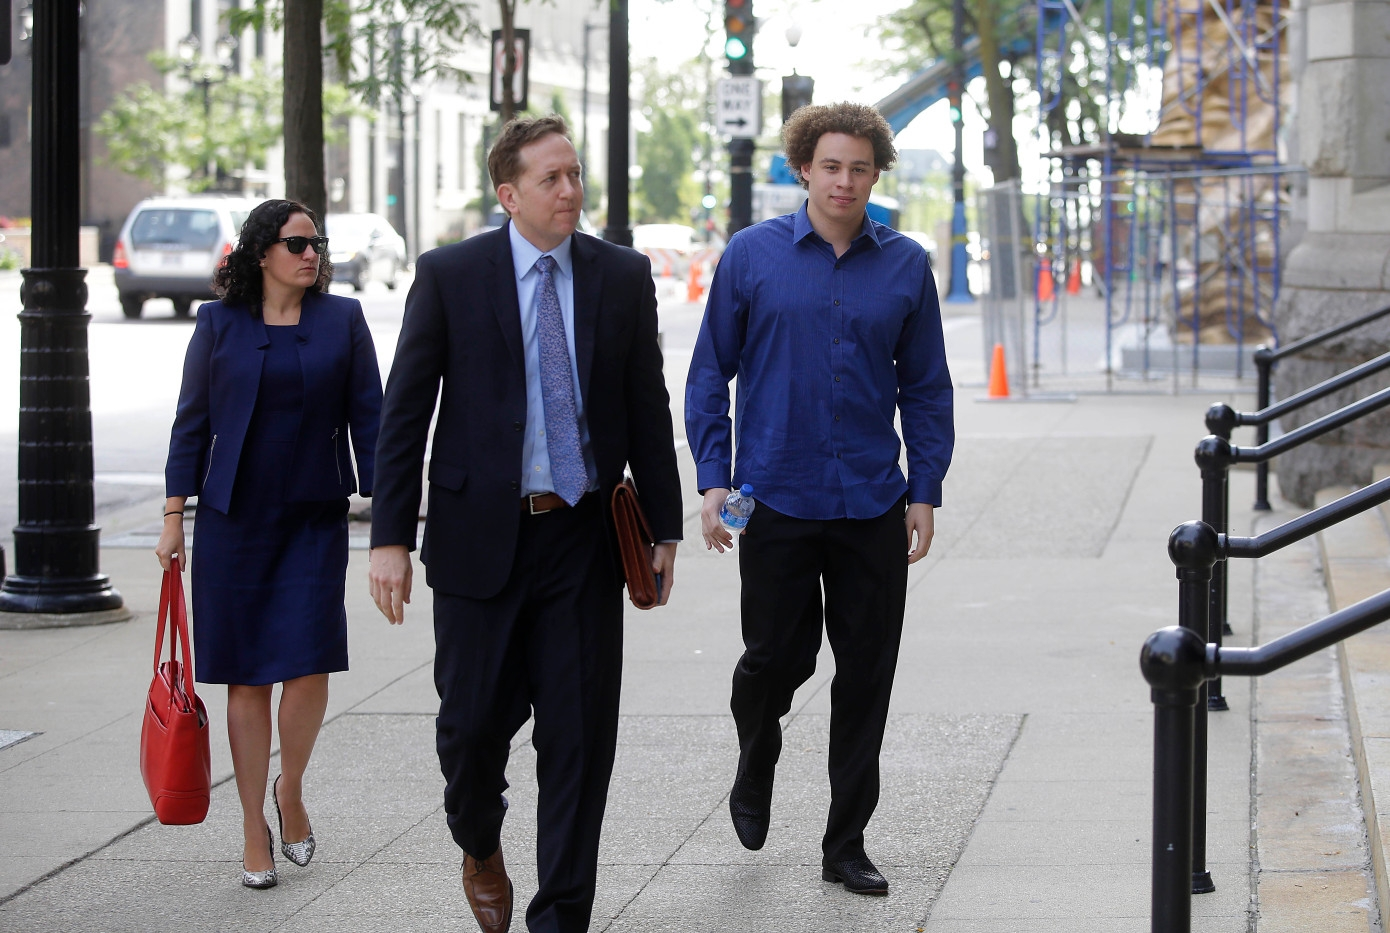 Хатчинс и его адвокаты по дороге на слушание